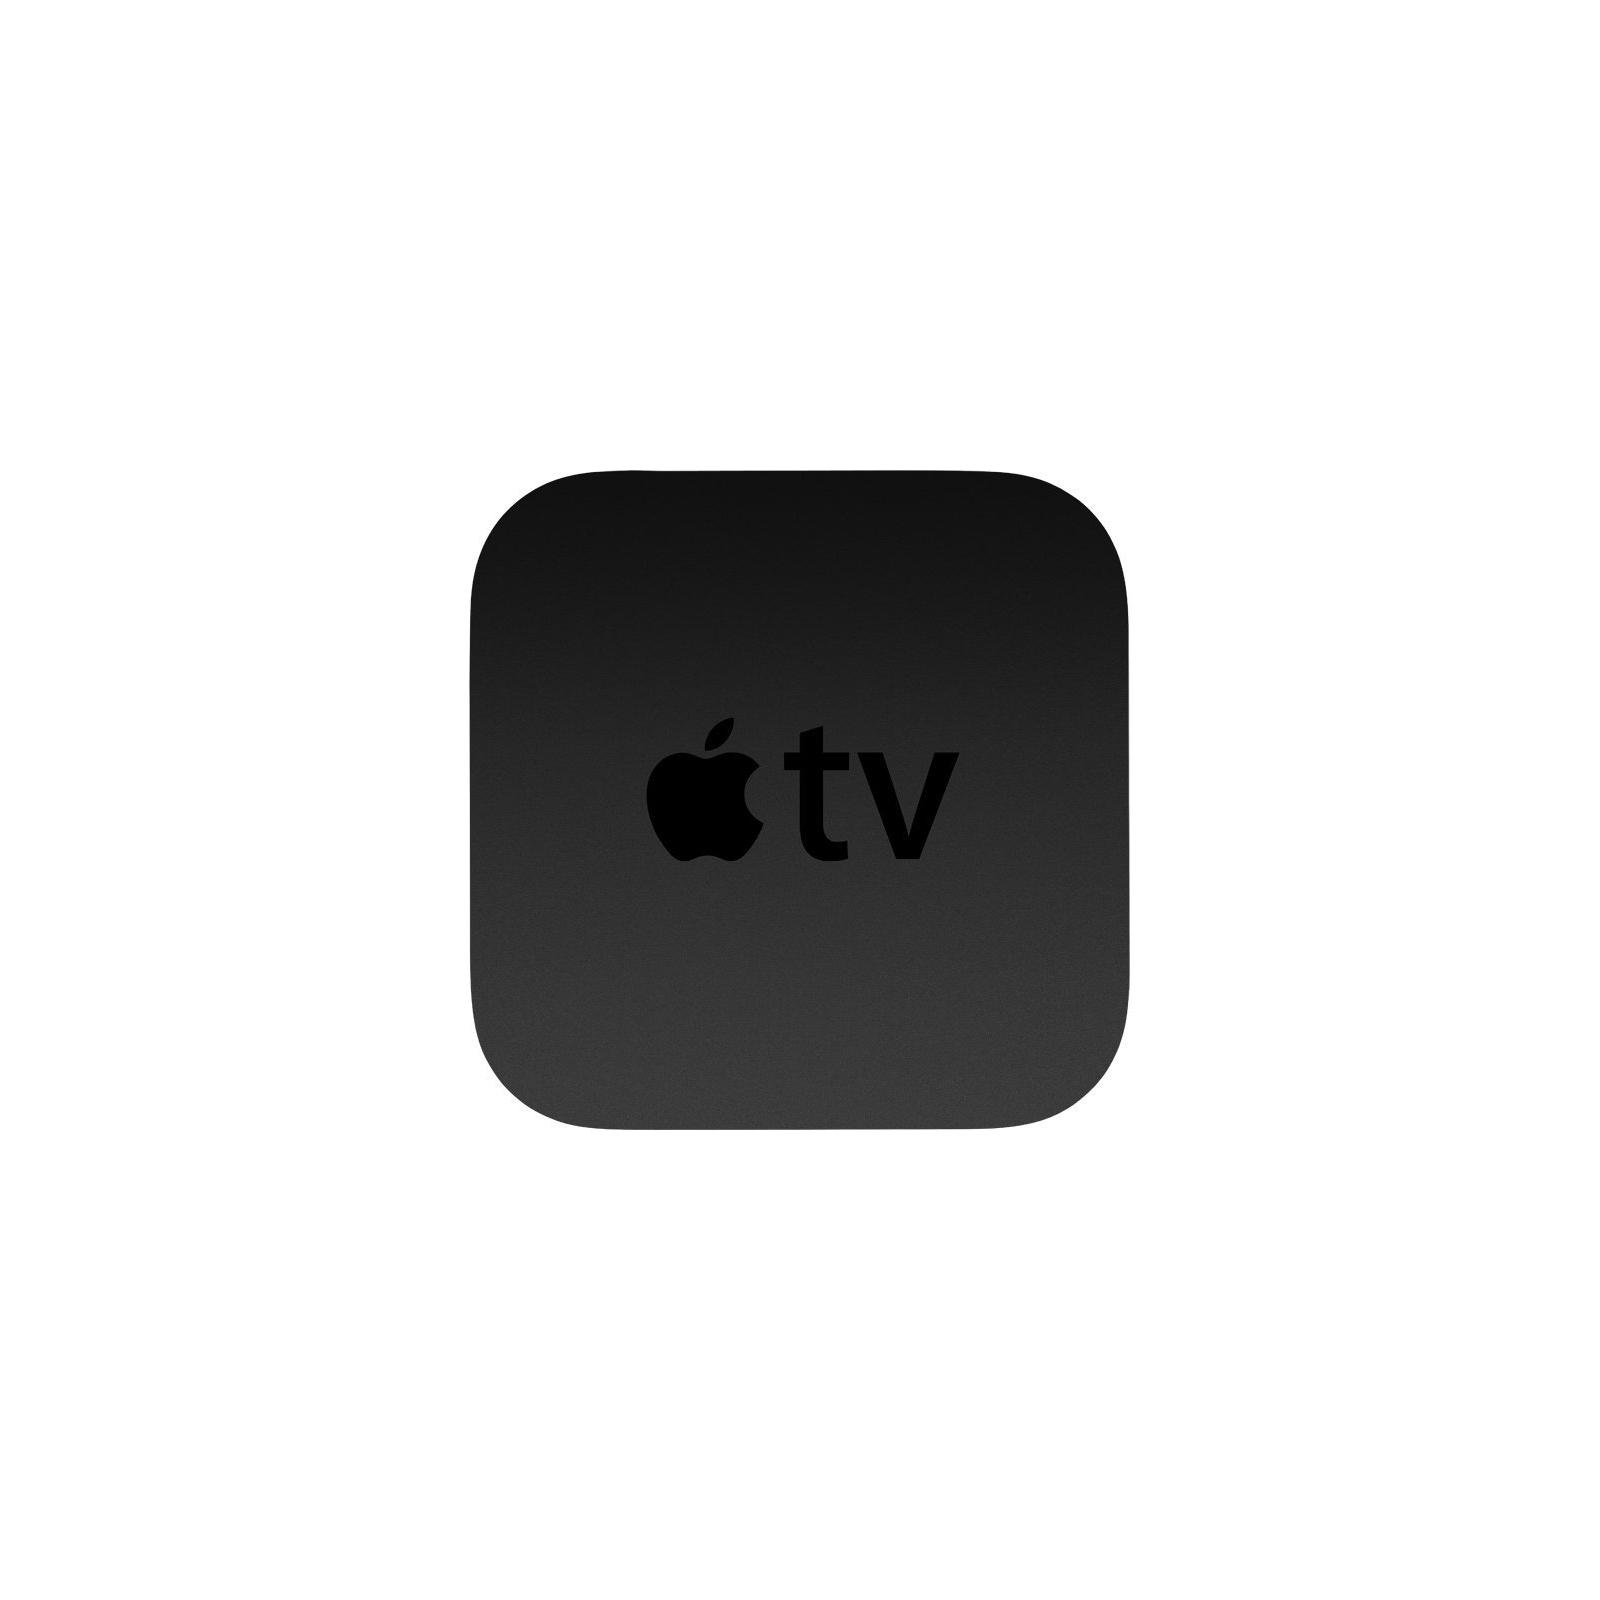 Медиаплеер Apple TV A1469 (Wi-Fi) (MD199RS/A) изображение 4